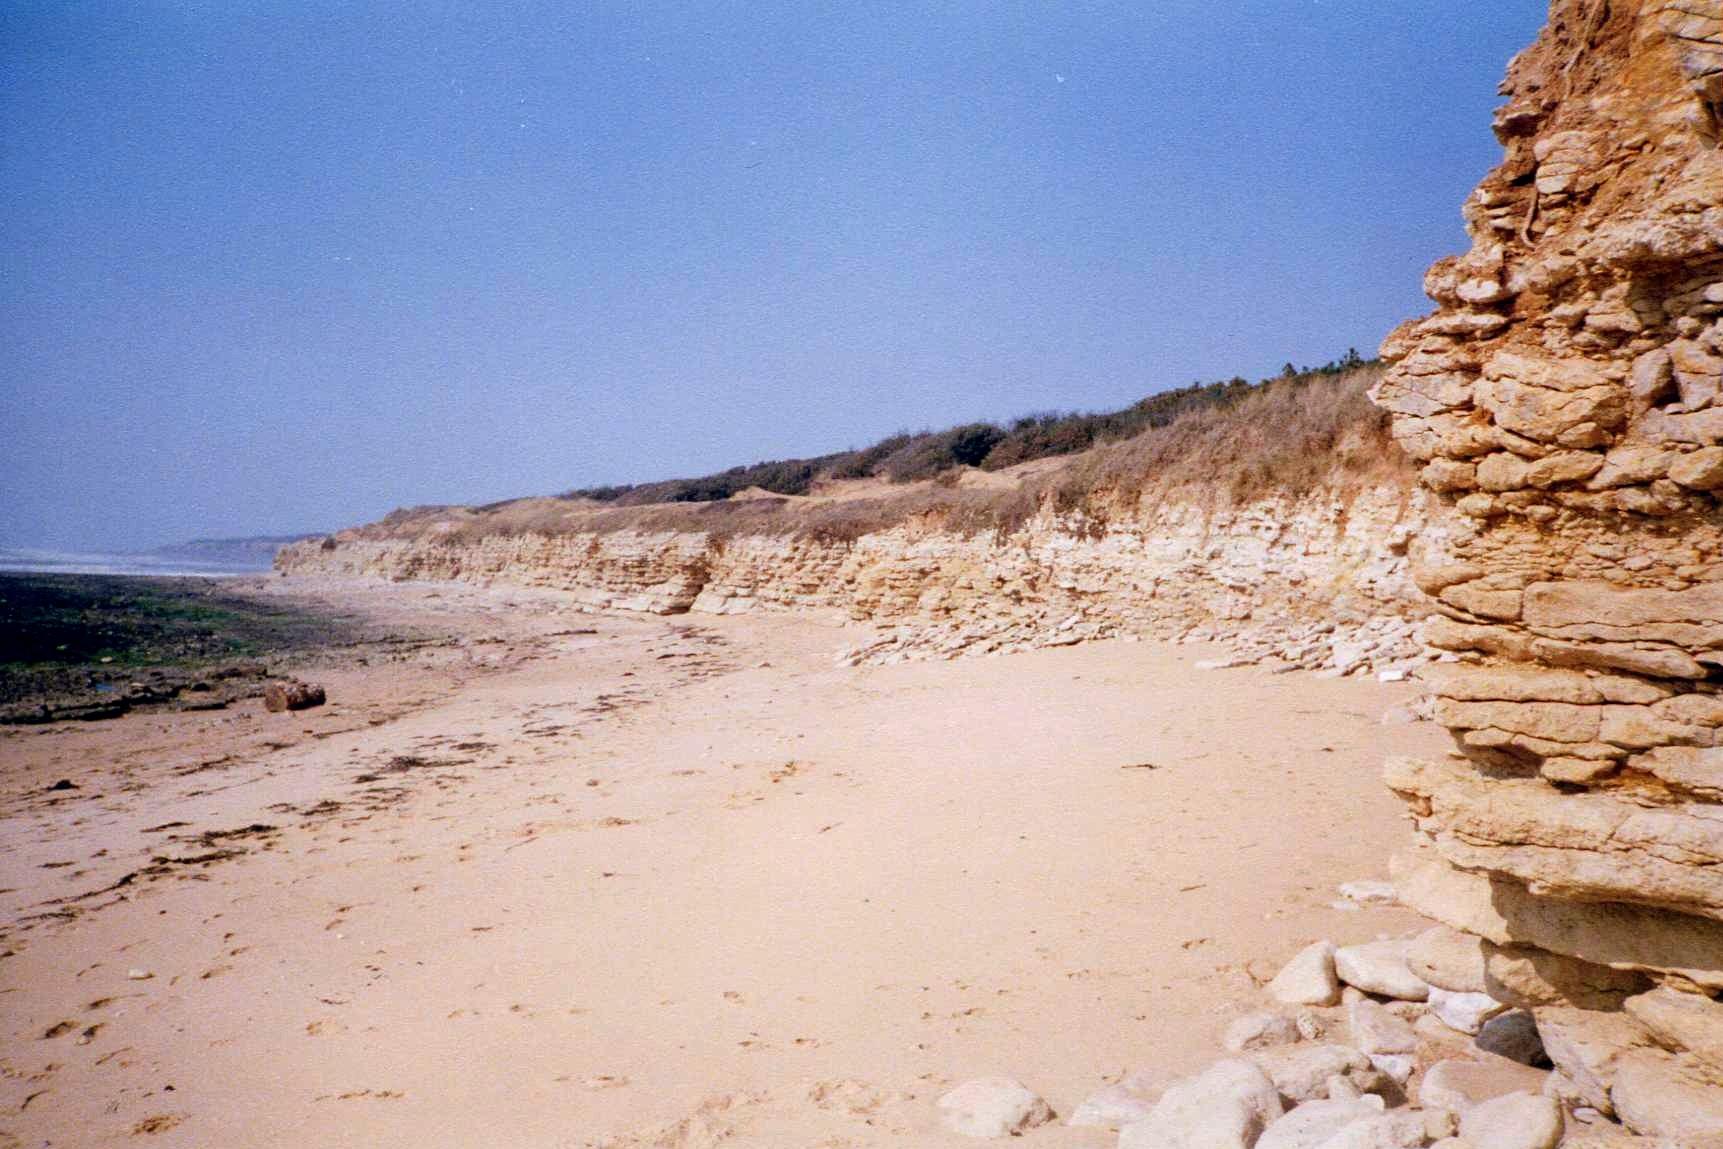 Jard sur Mer